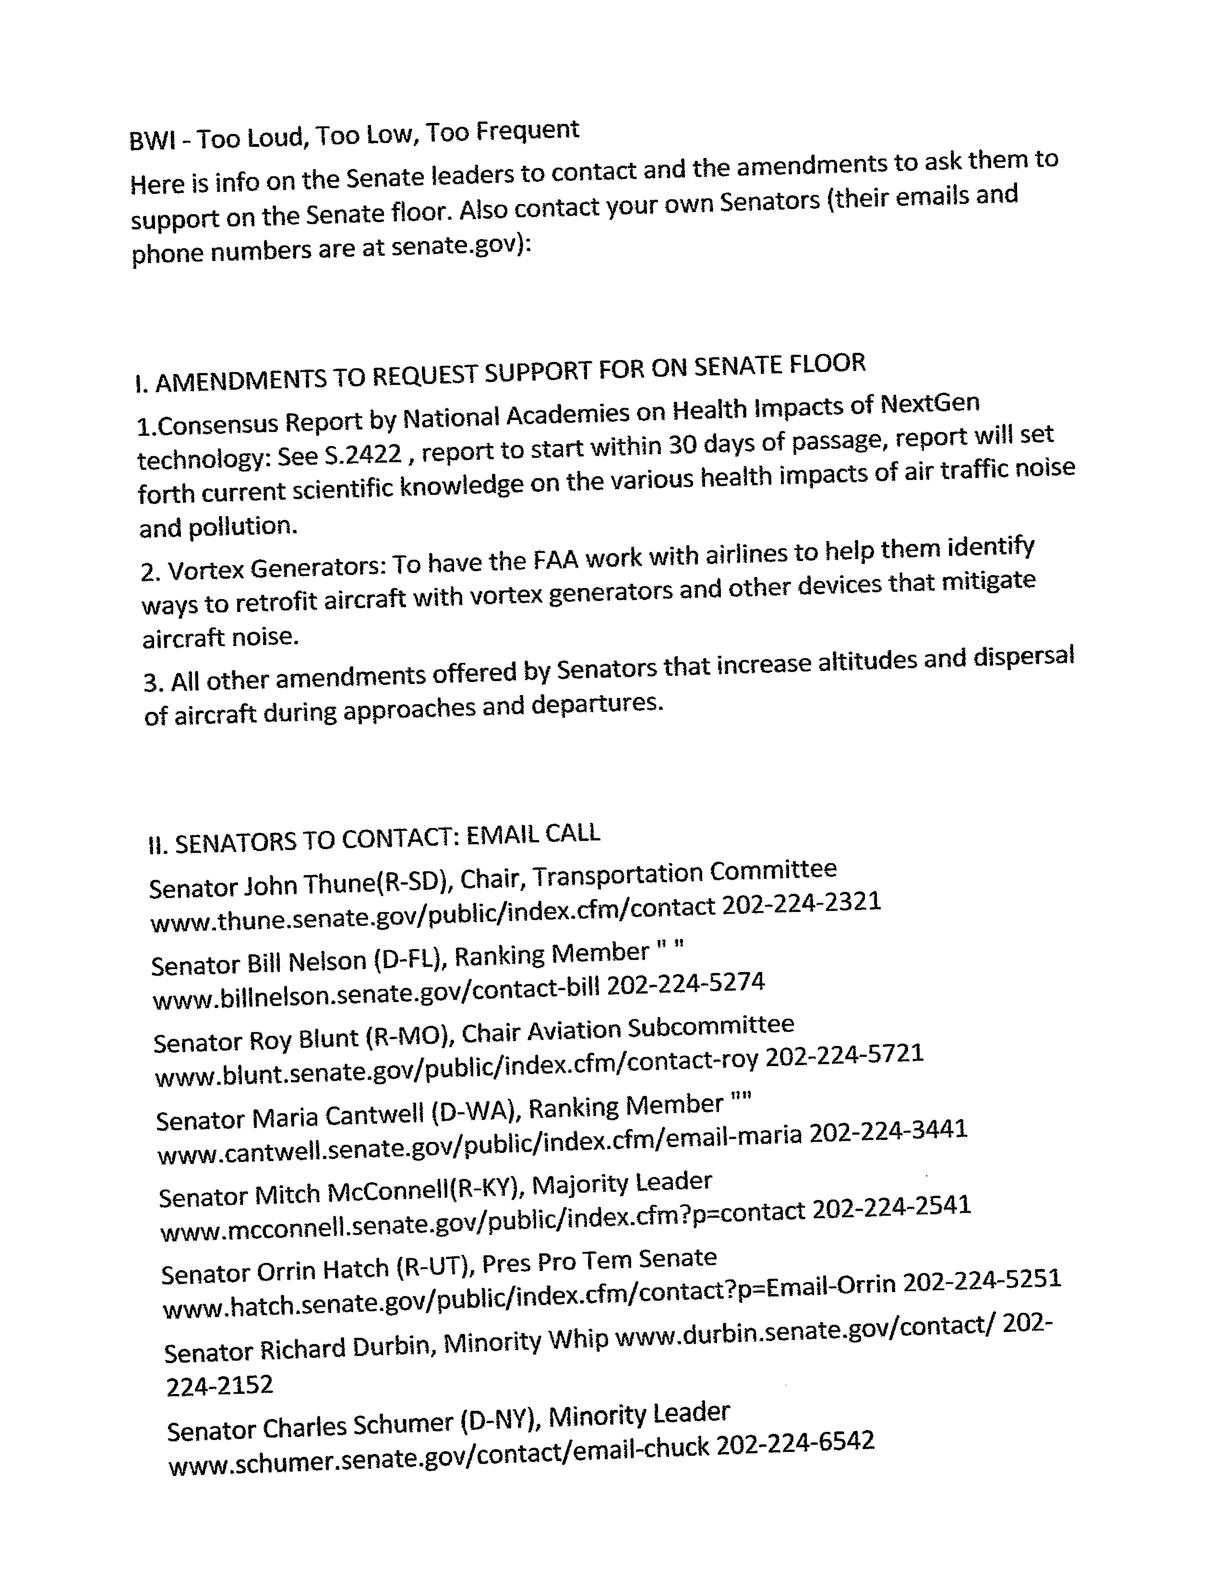 BWI-Roundtable-Newsletter-002.jpg